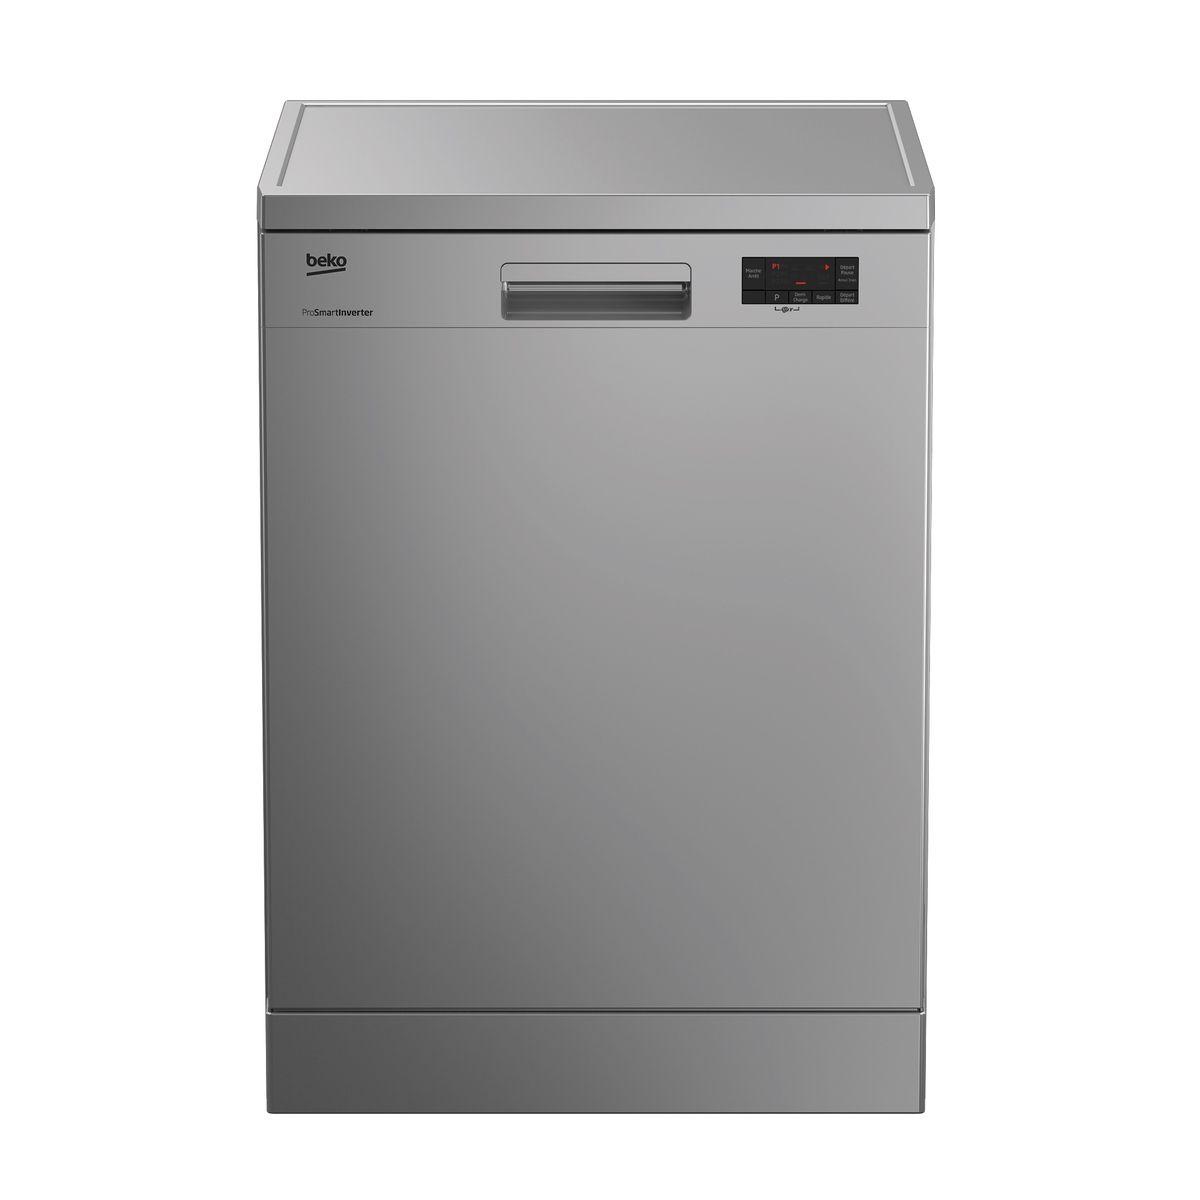 Lave-vaisselle pose libre LAP65S2, 15 couverts, 60 cm, 45 dB